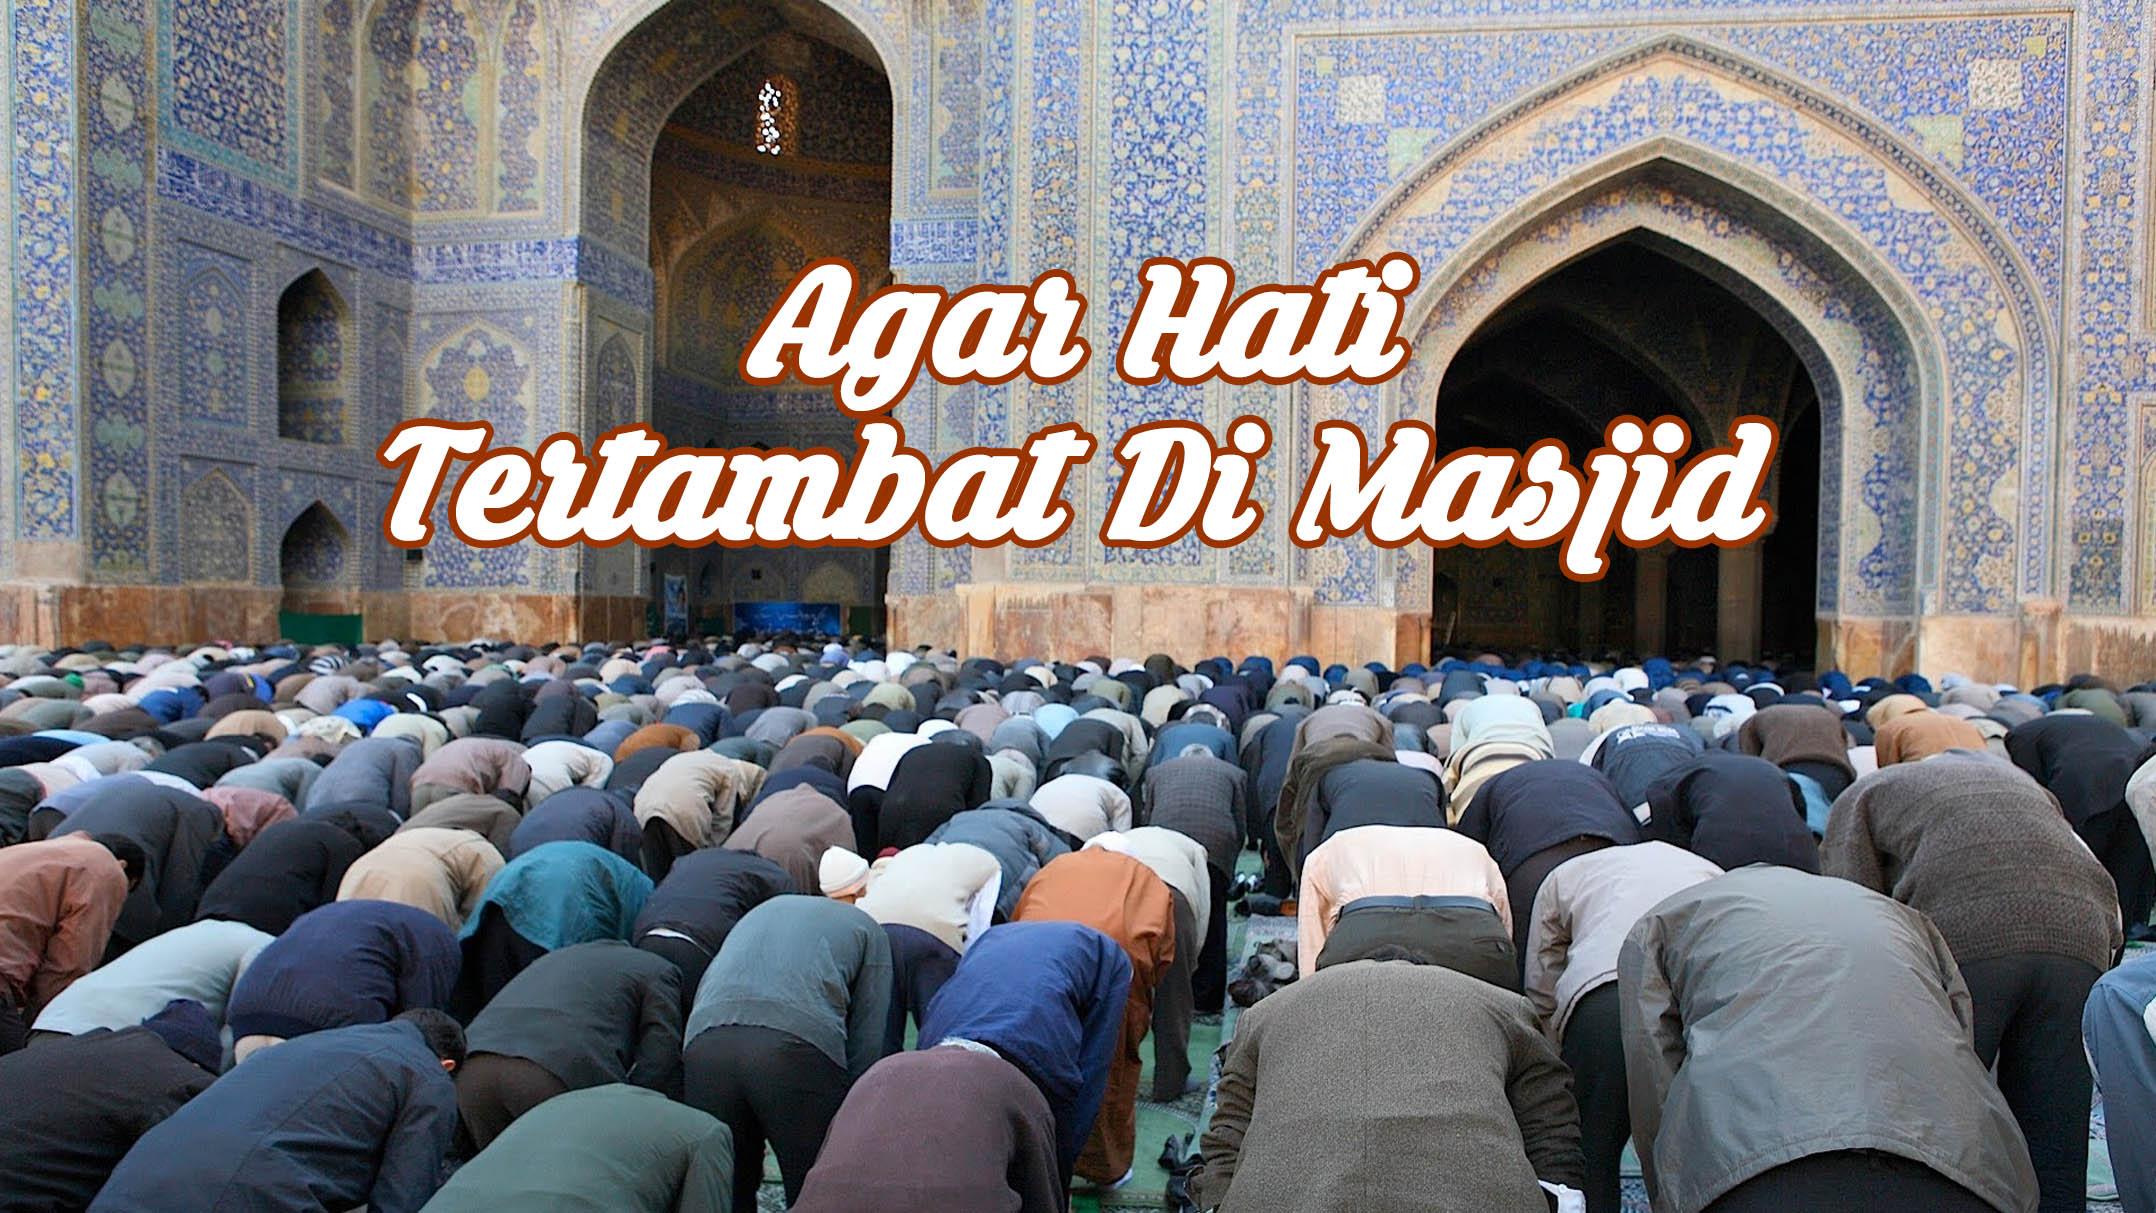 Agar Hati Tertambat Di Masjid